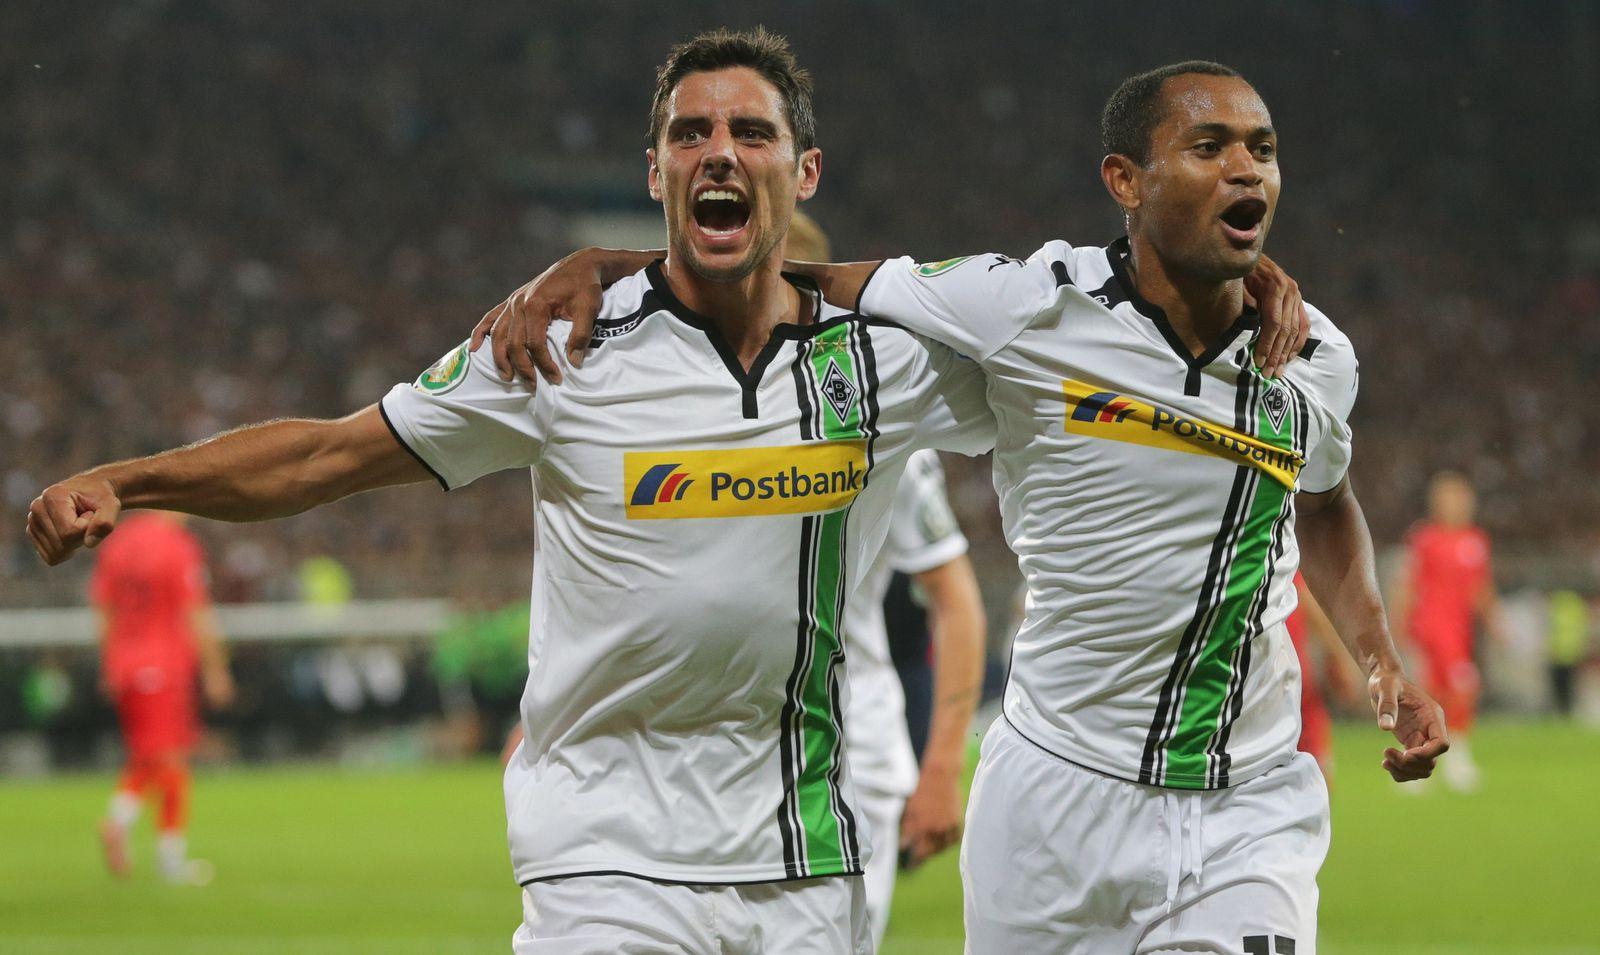 Stindl Borussia Mönchengladbach